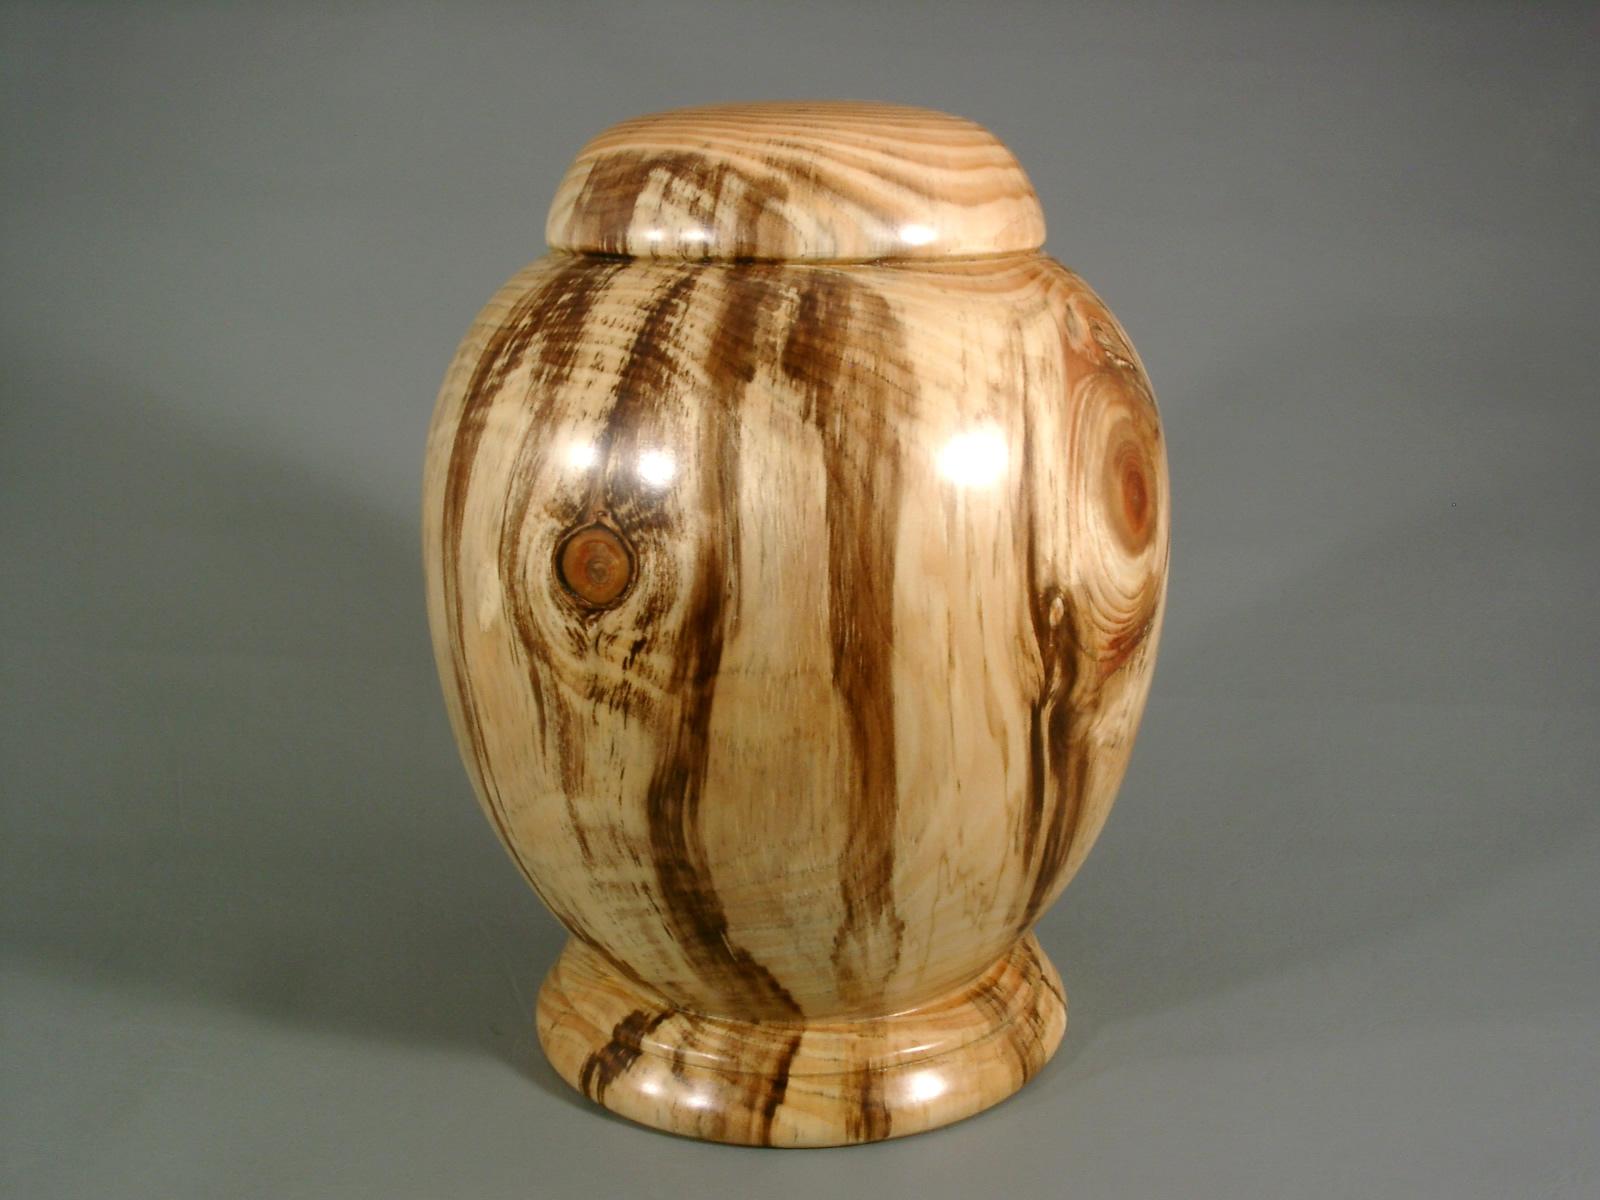 Urns Furneral Cremation Woodturned